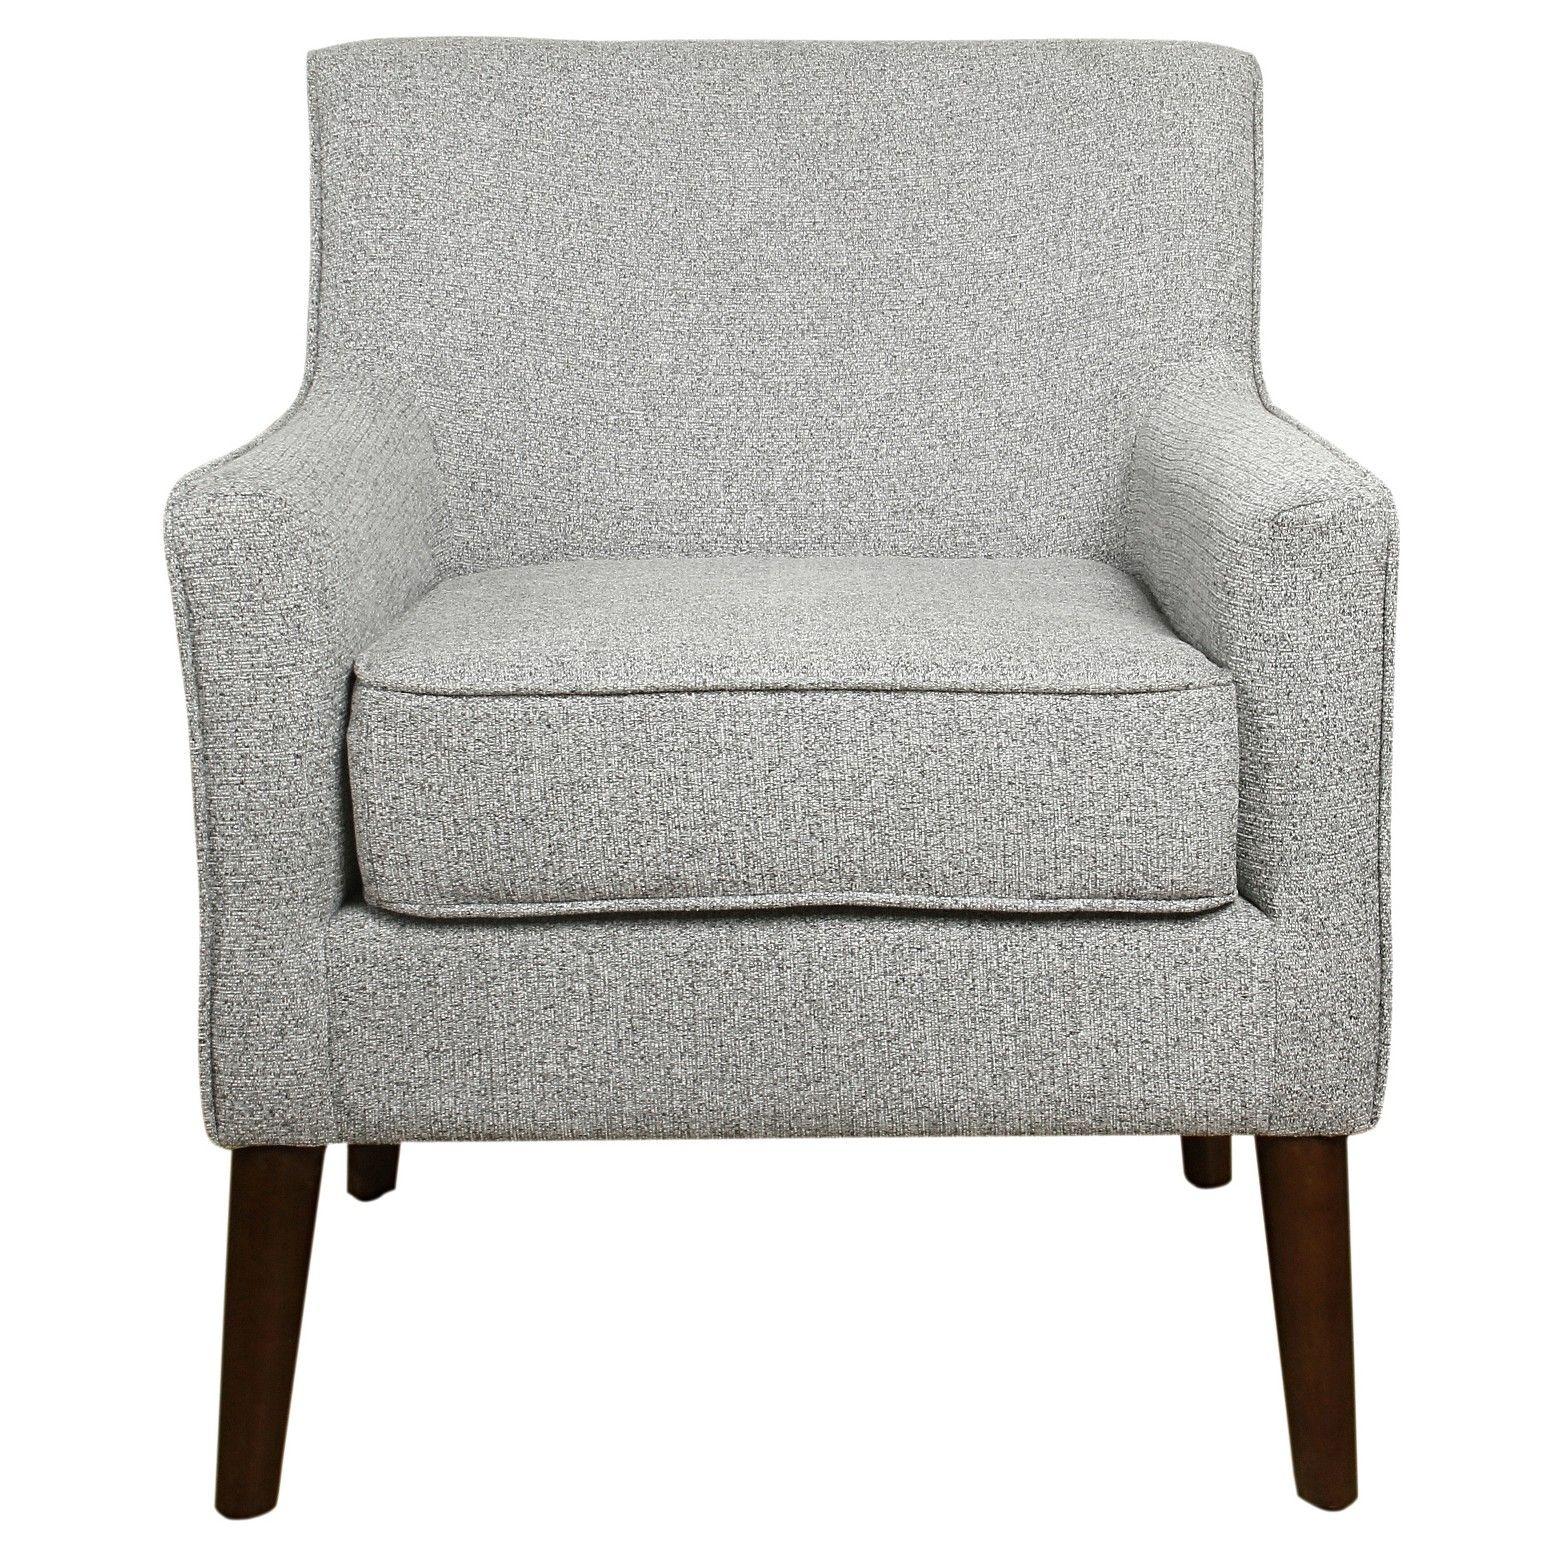 Davis mid century accent chair homepop mid century